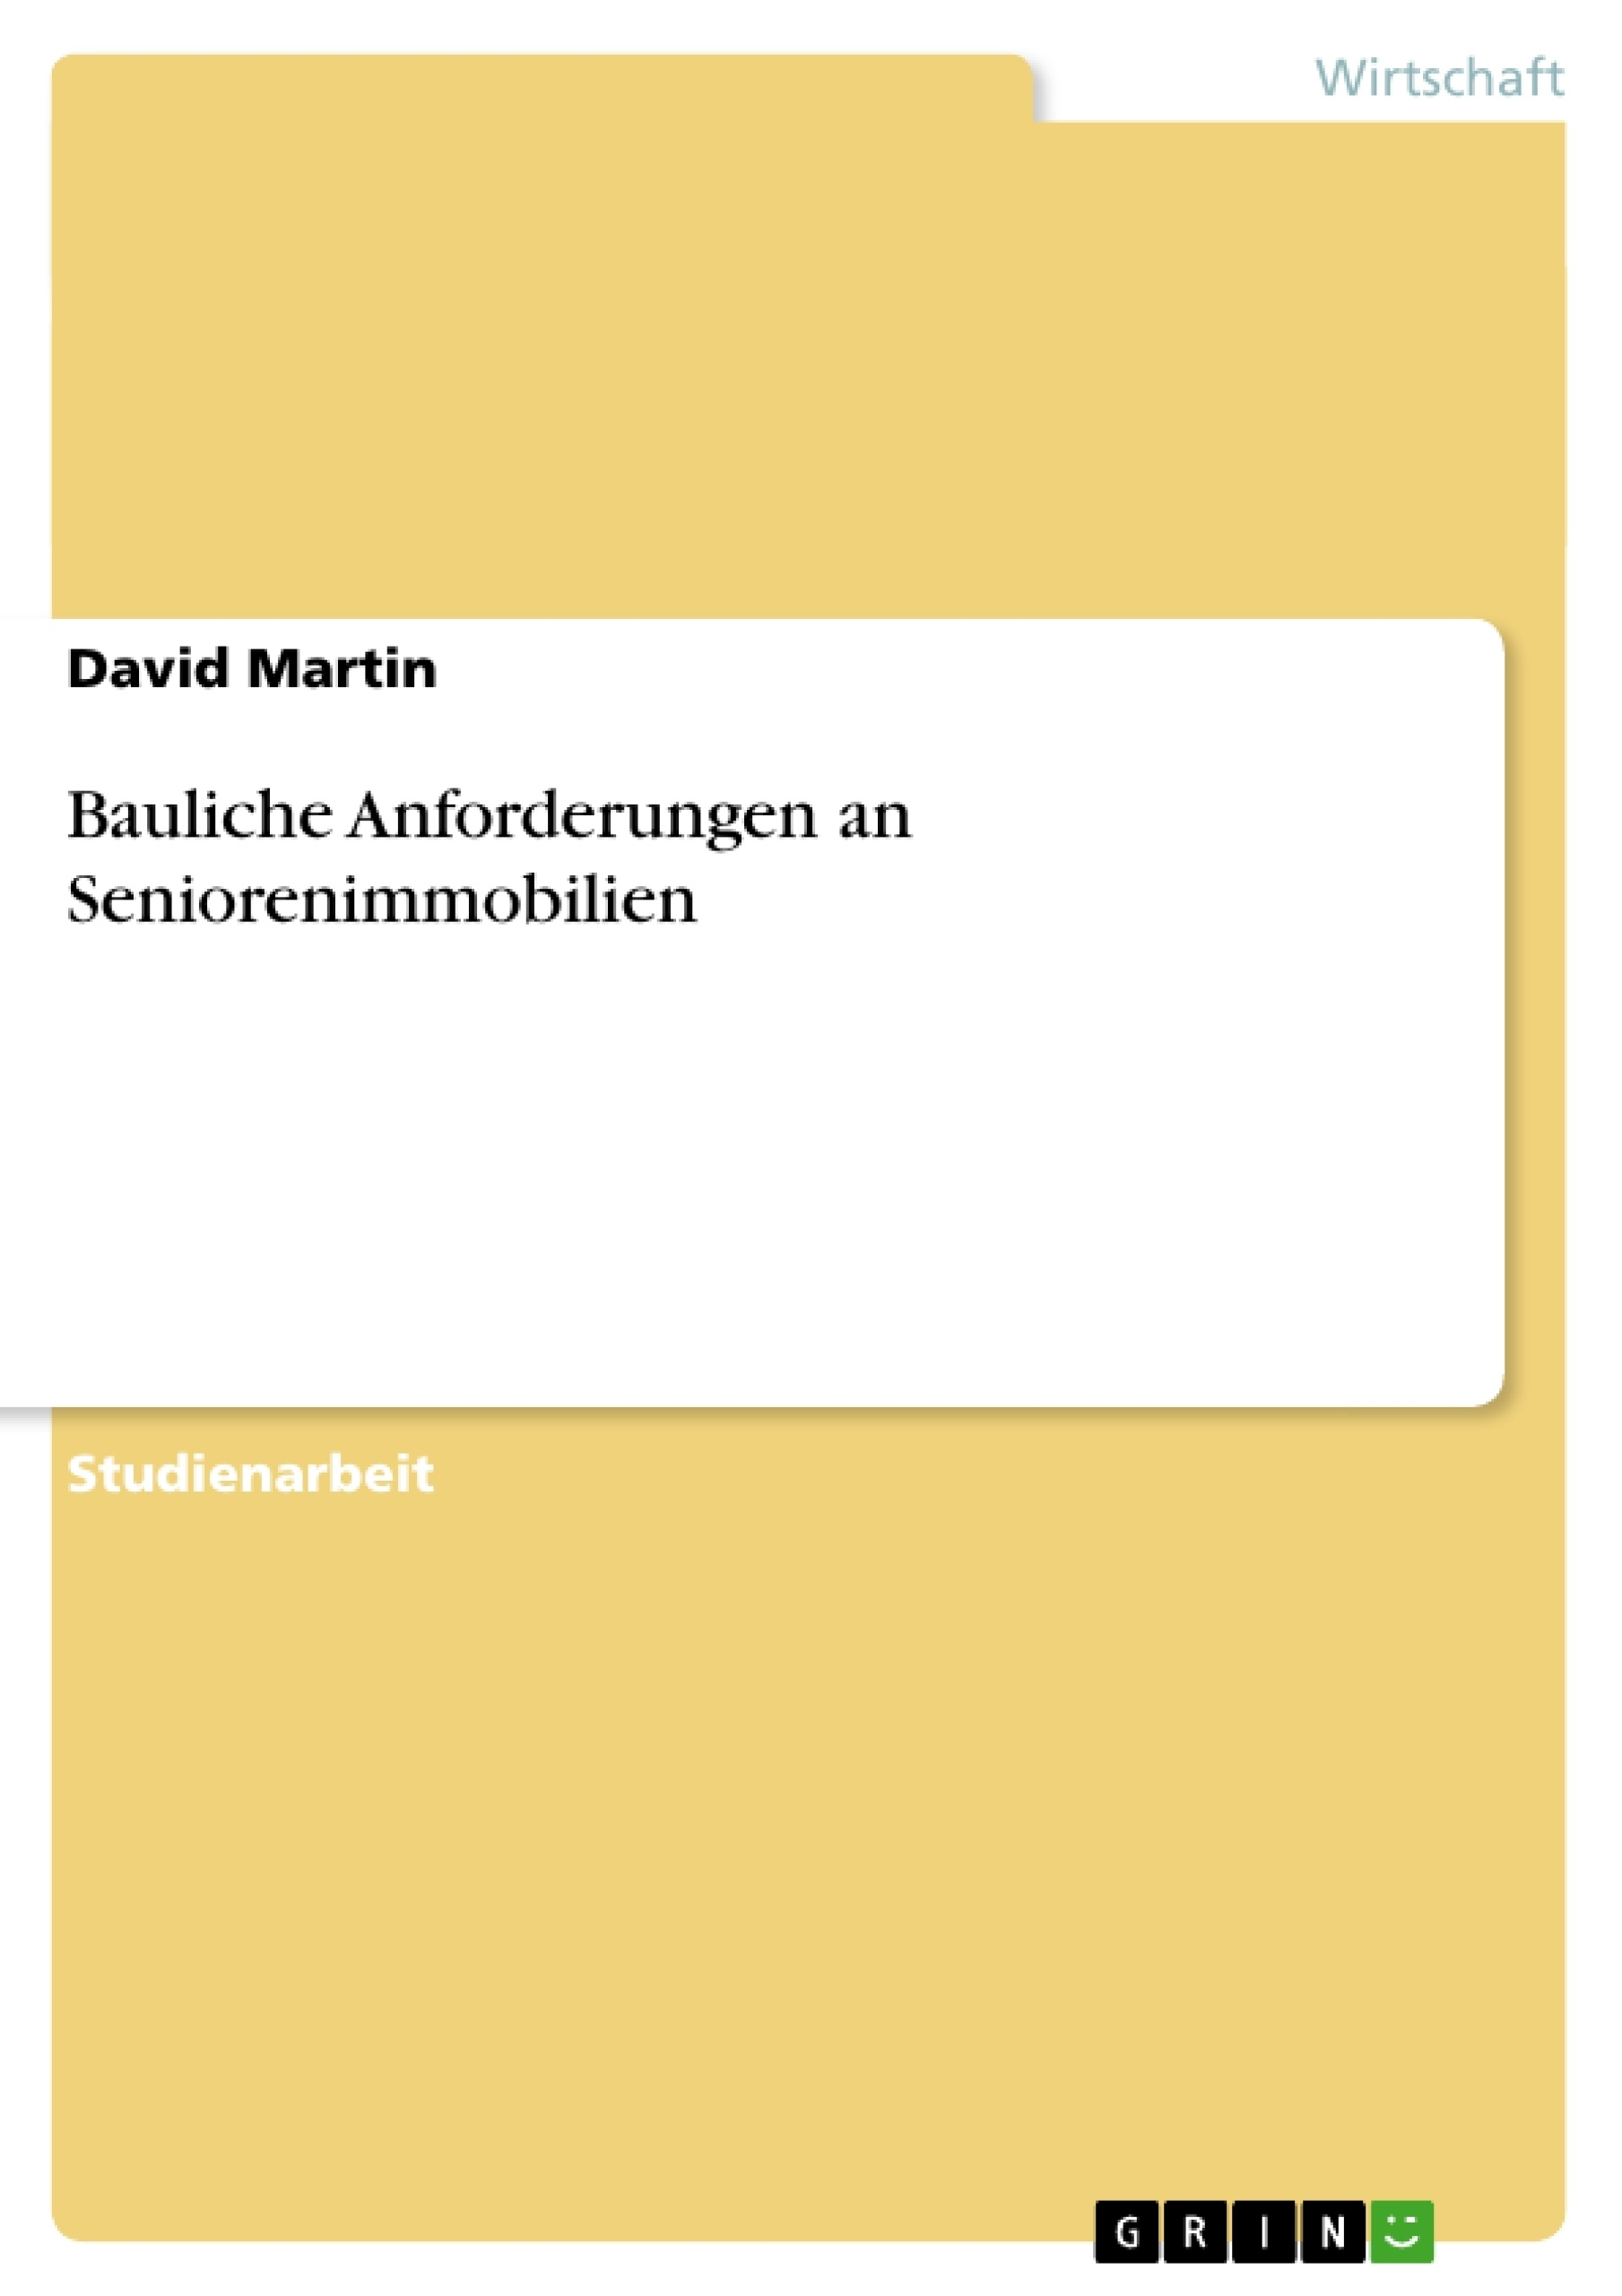 Titel: Bauliche Anforderungen an Seniorenimmobilien